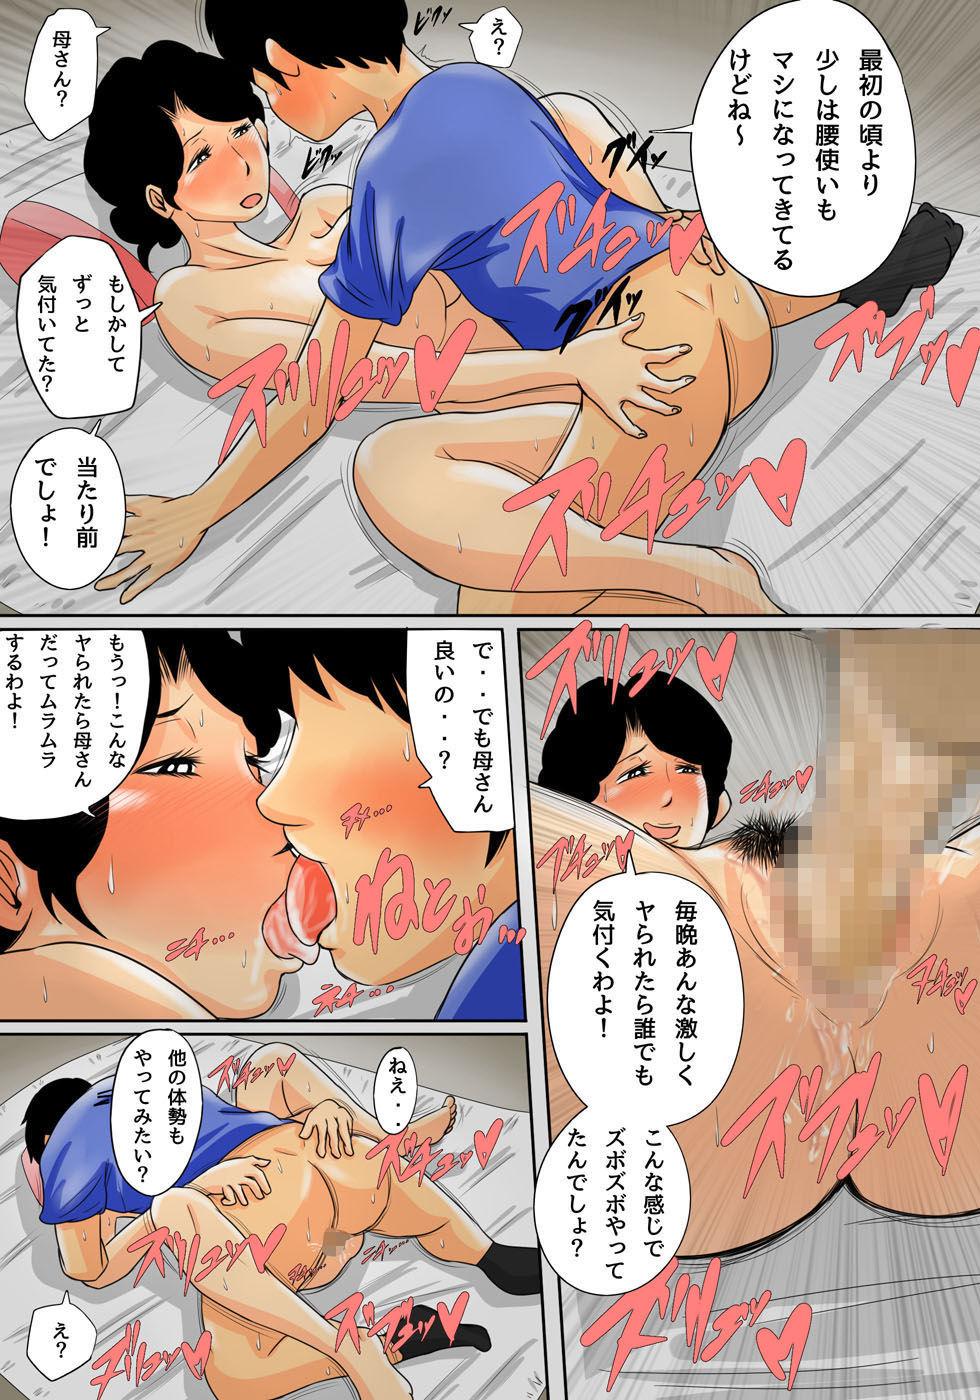 【夏目ベンケイ】眠ったお母さんをヤリたい放題!